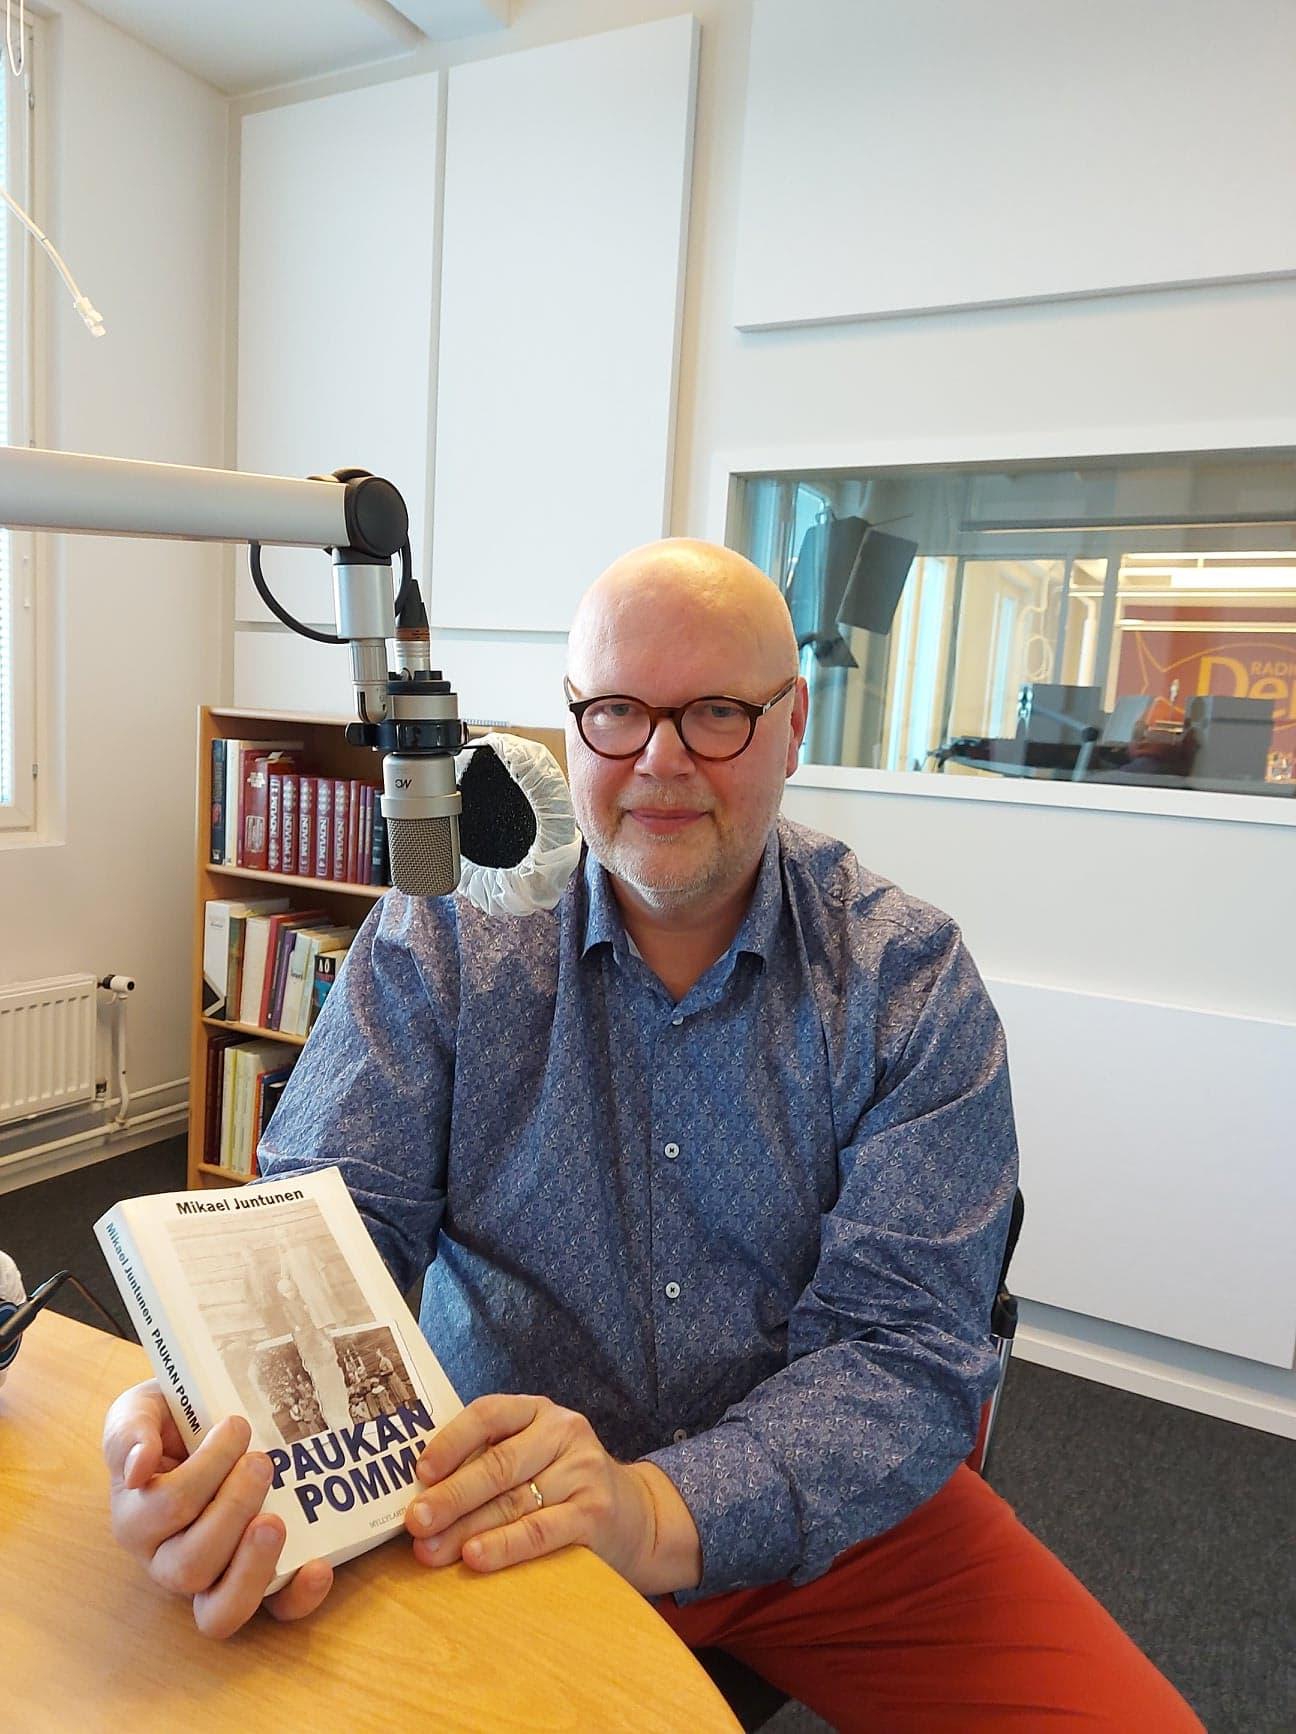 Mikael Juntunen